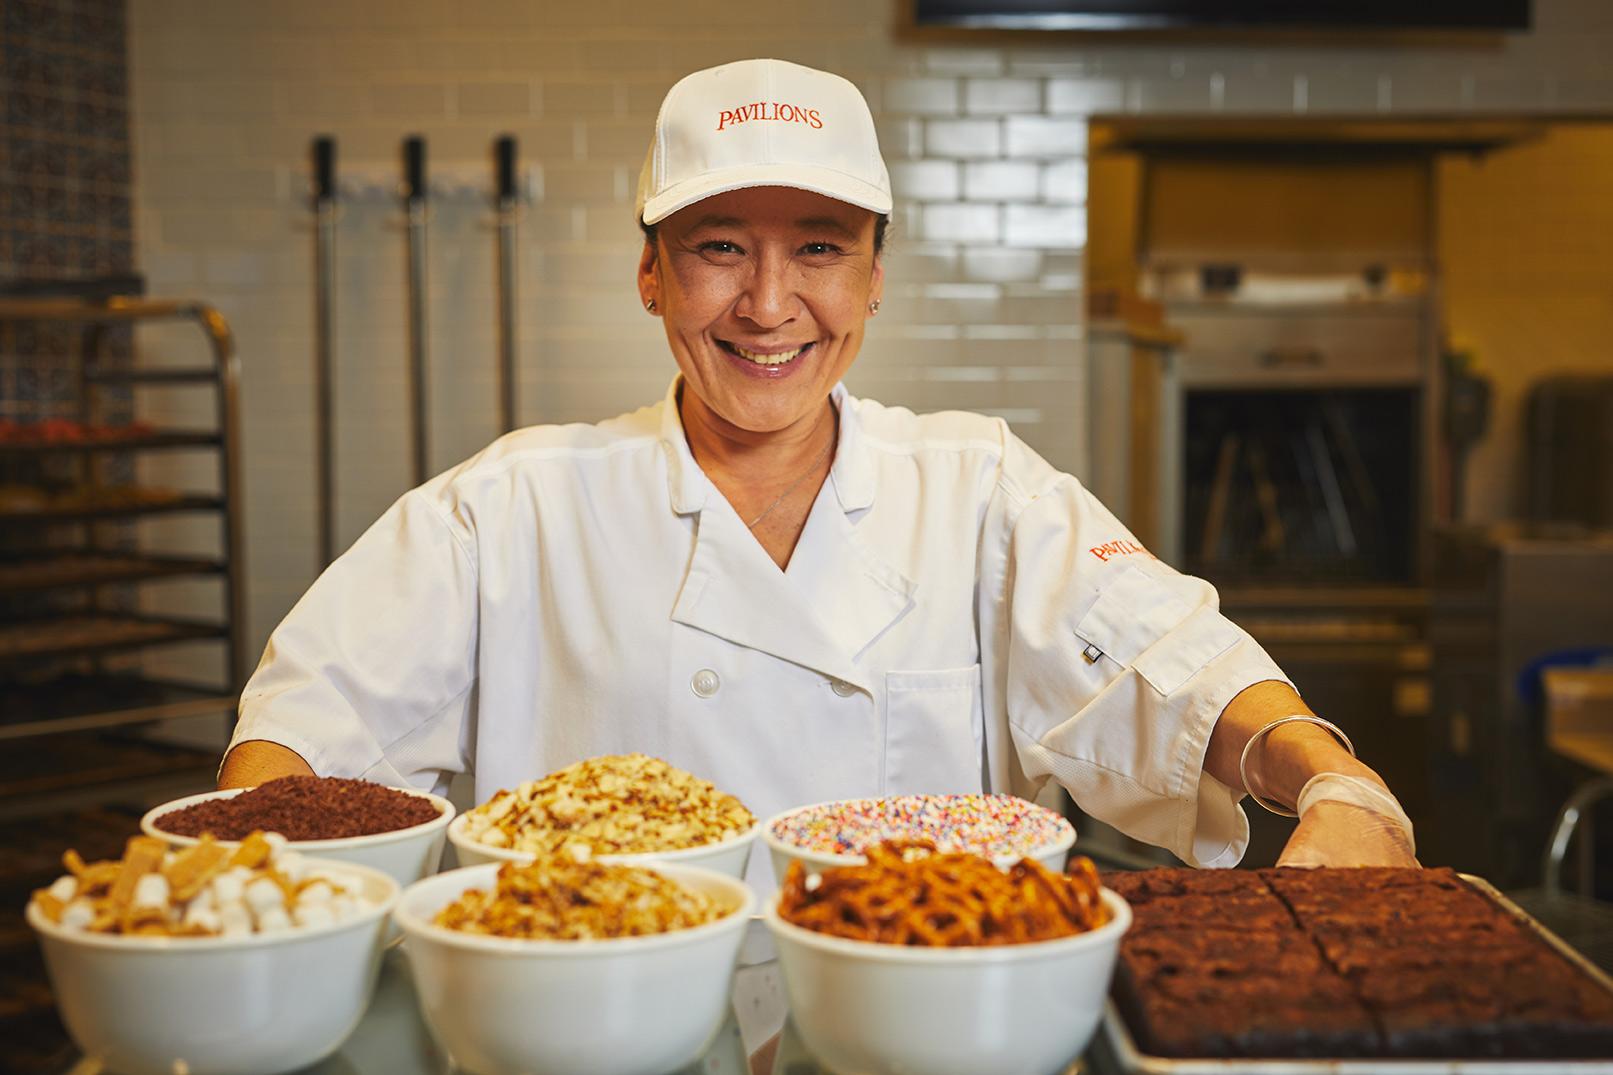 Pavillions Bakery, Rancho Santa Margherita, California